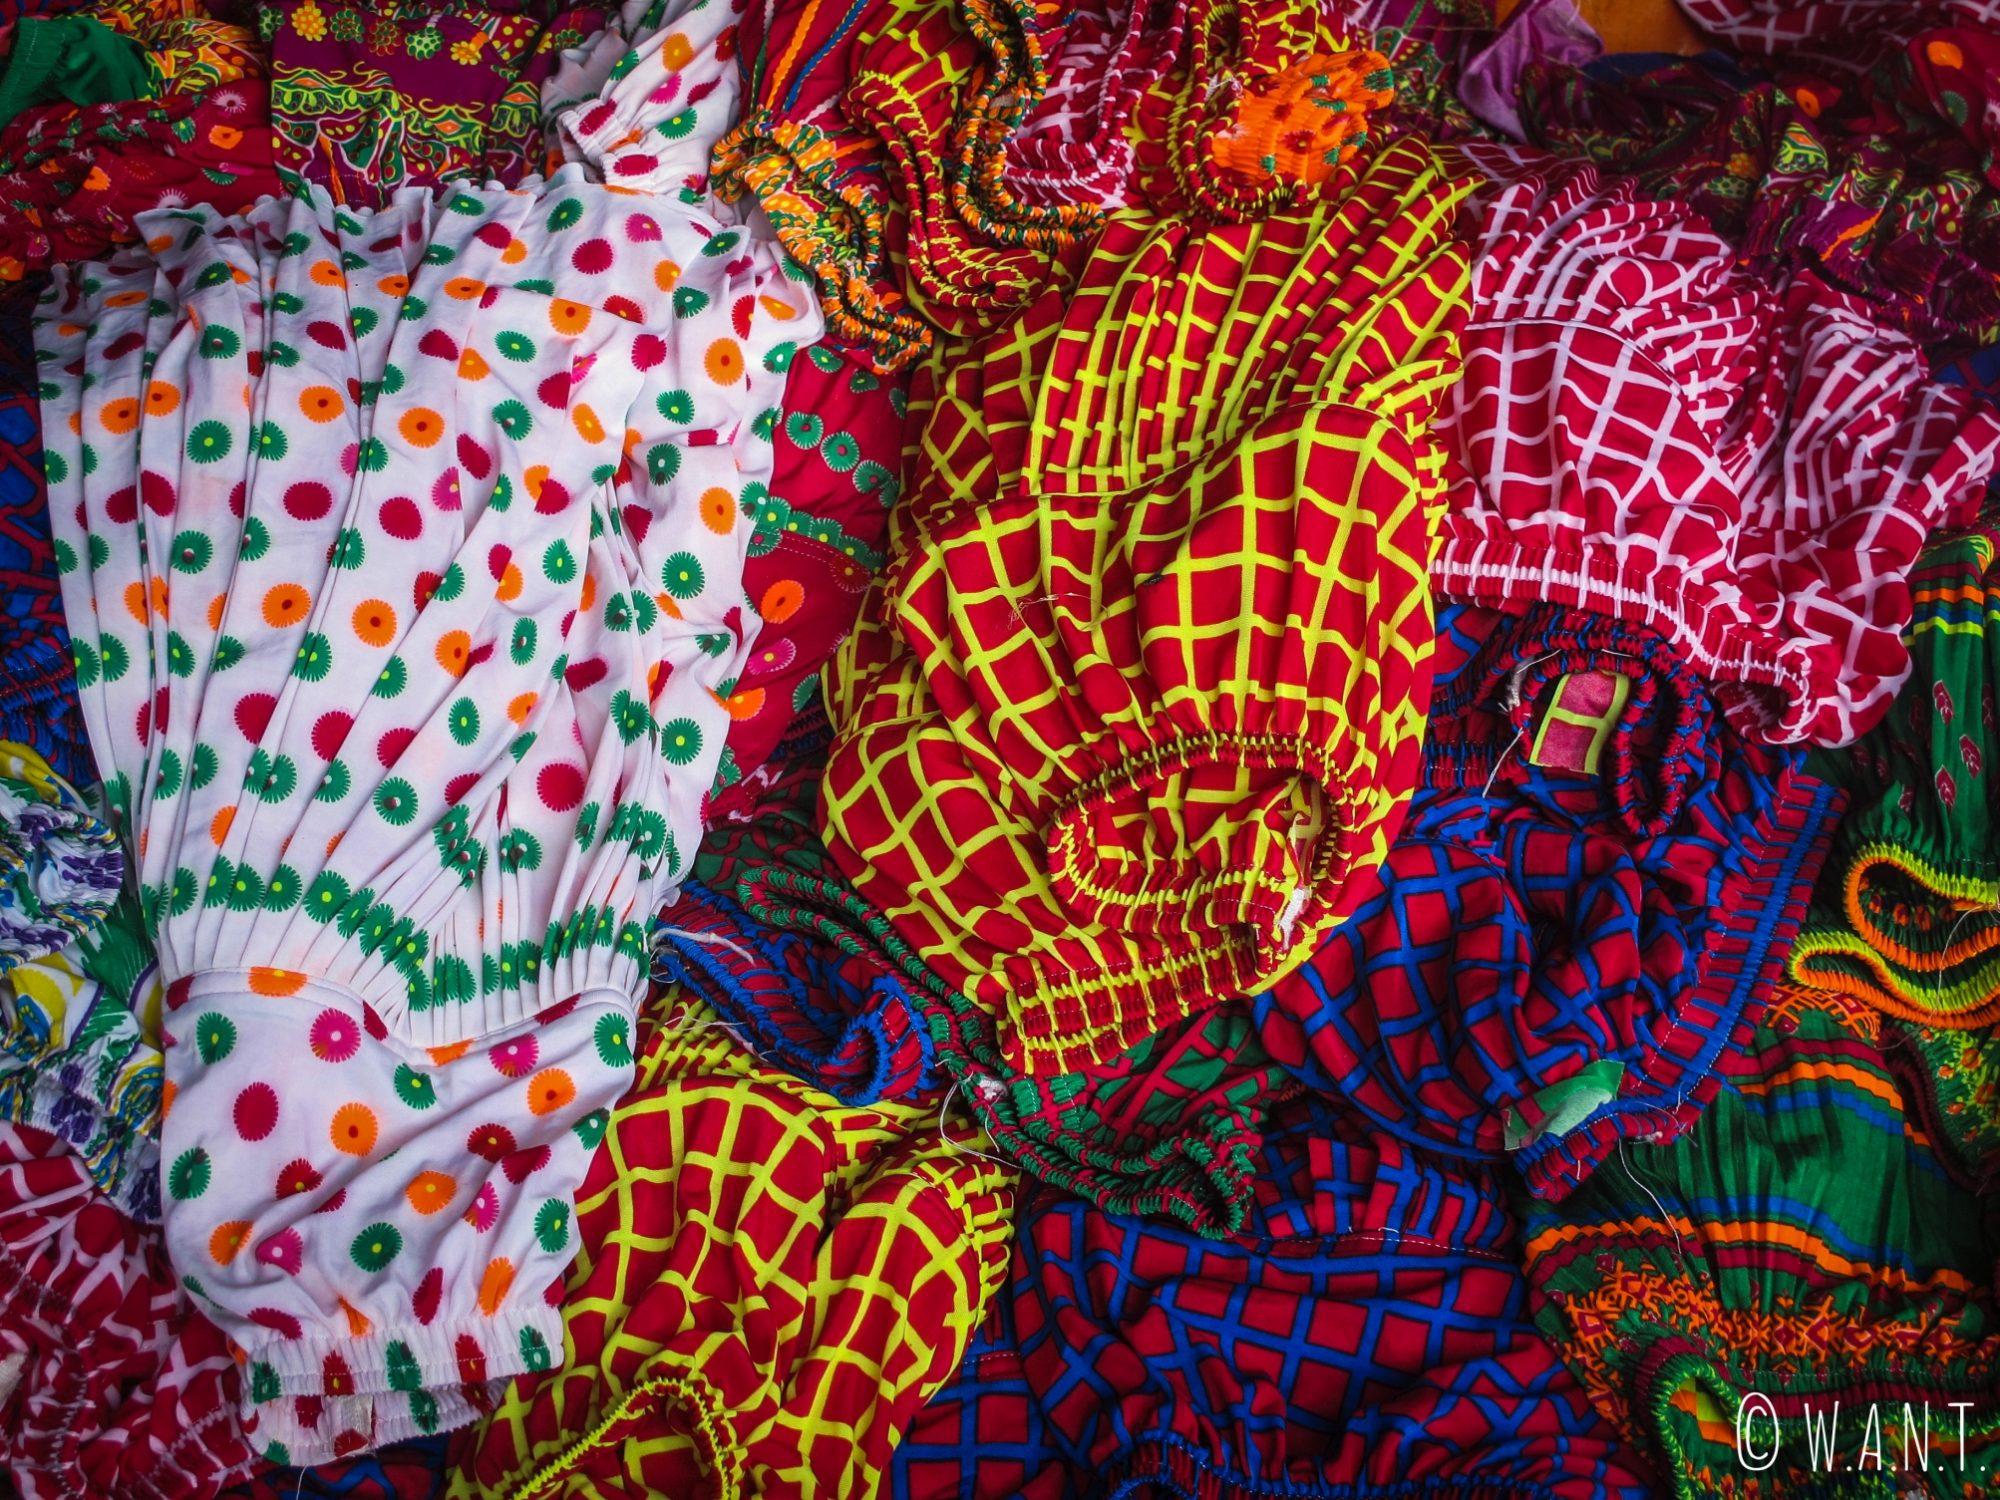 Étal de tissus sur le marché de Dong Van